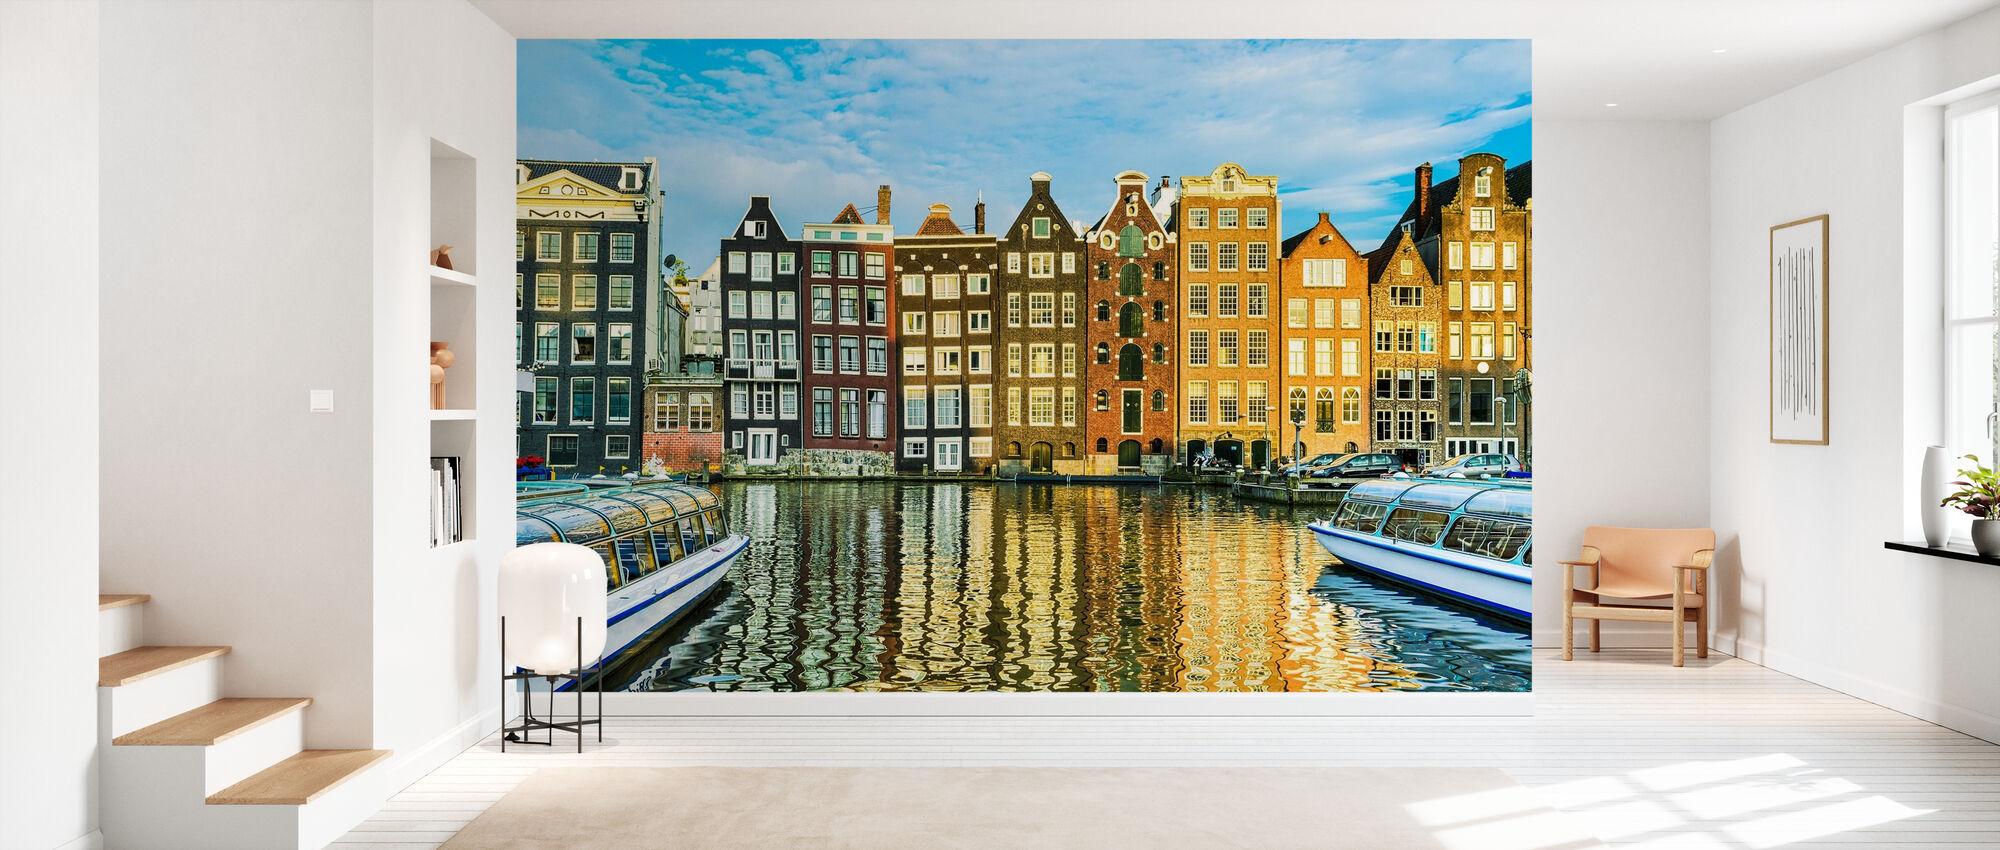 Traditionelle Häuser von Amsterdam, Niederlande - Tapete - Flur